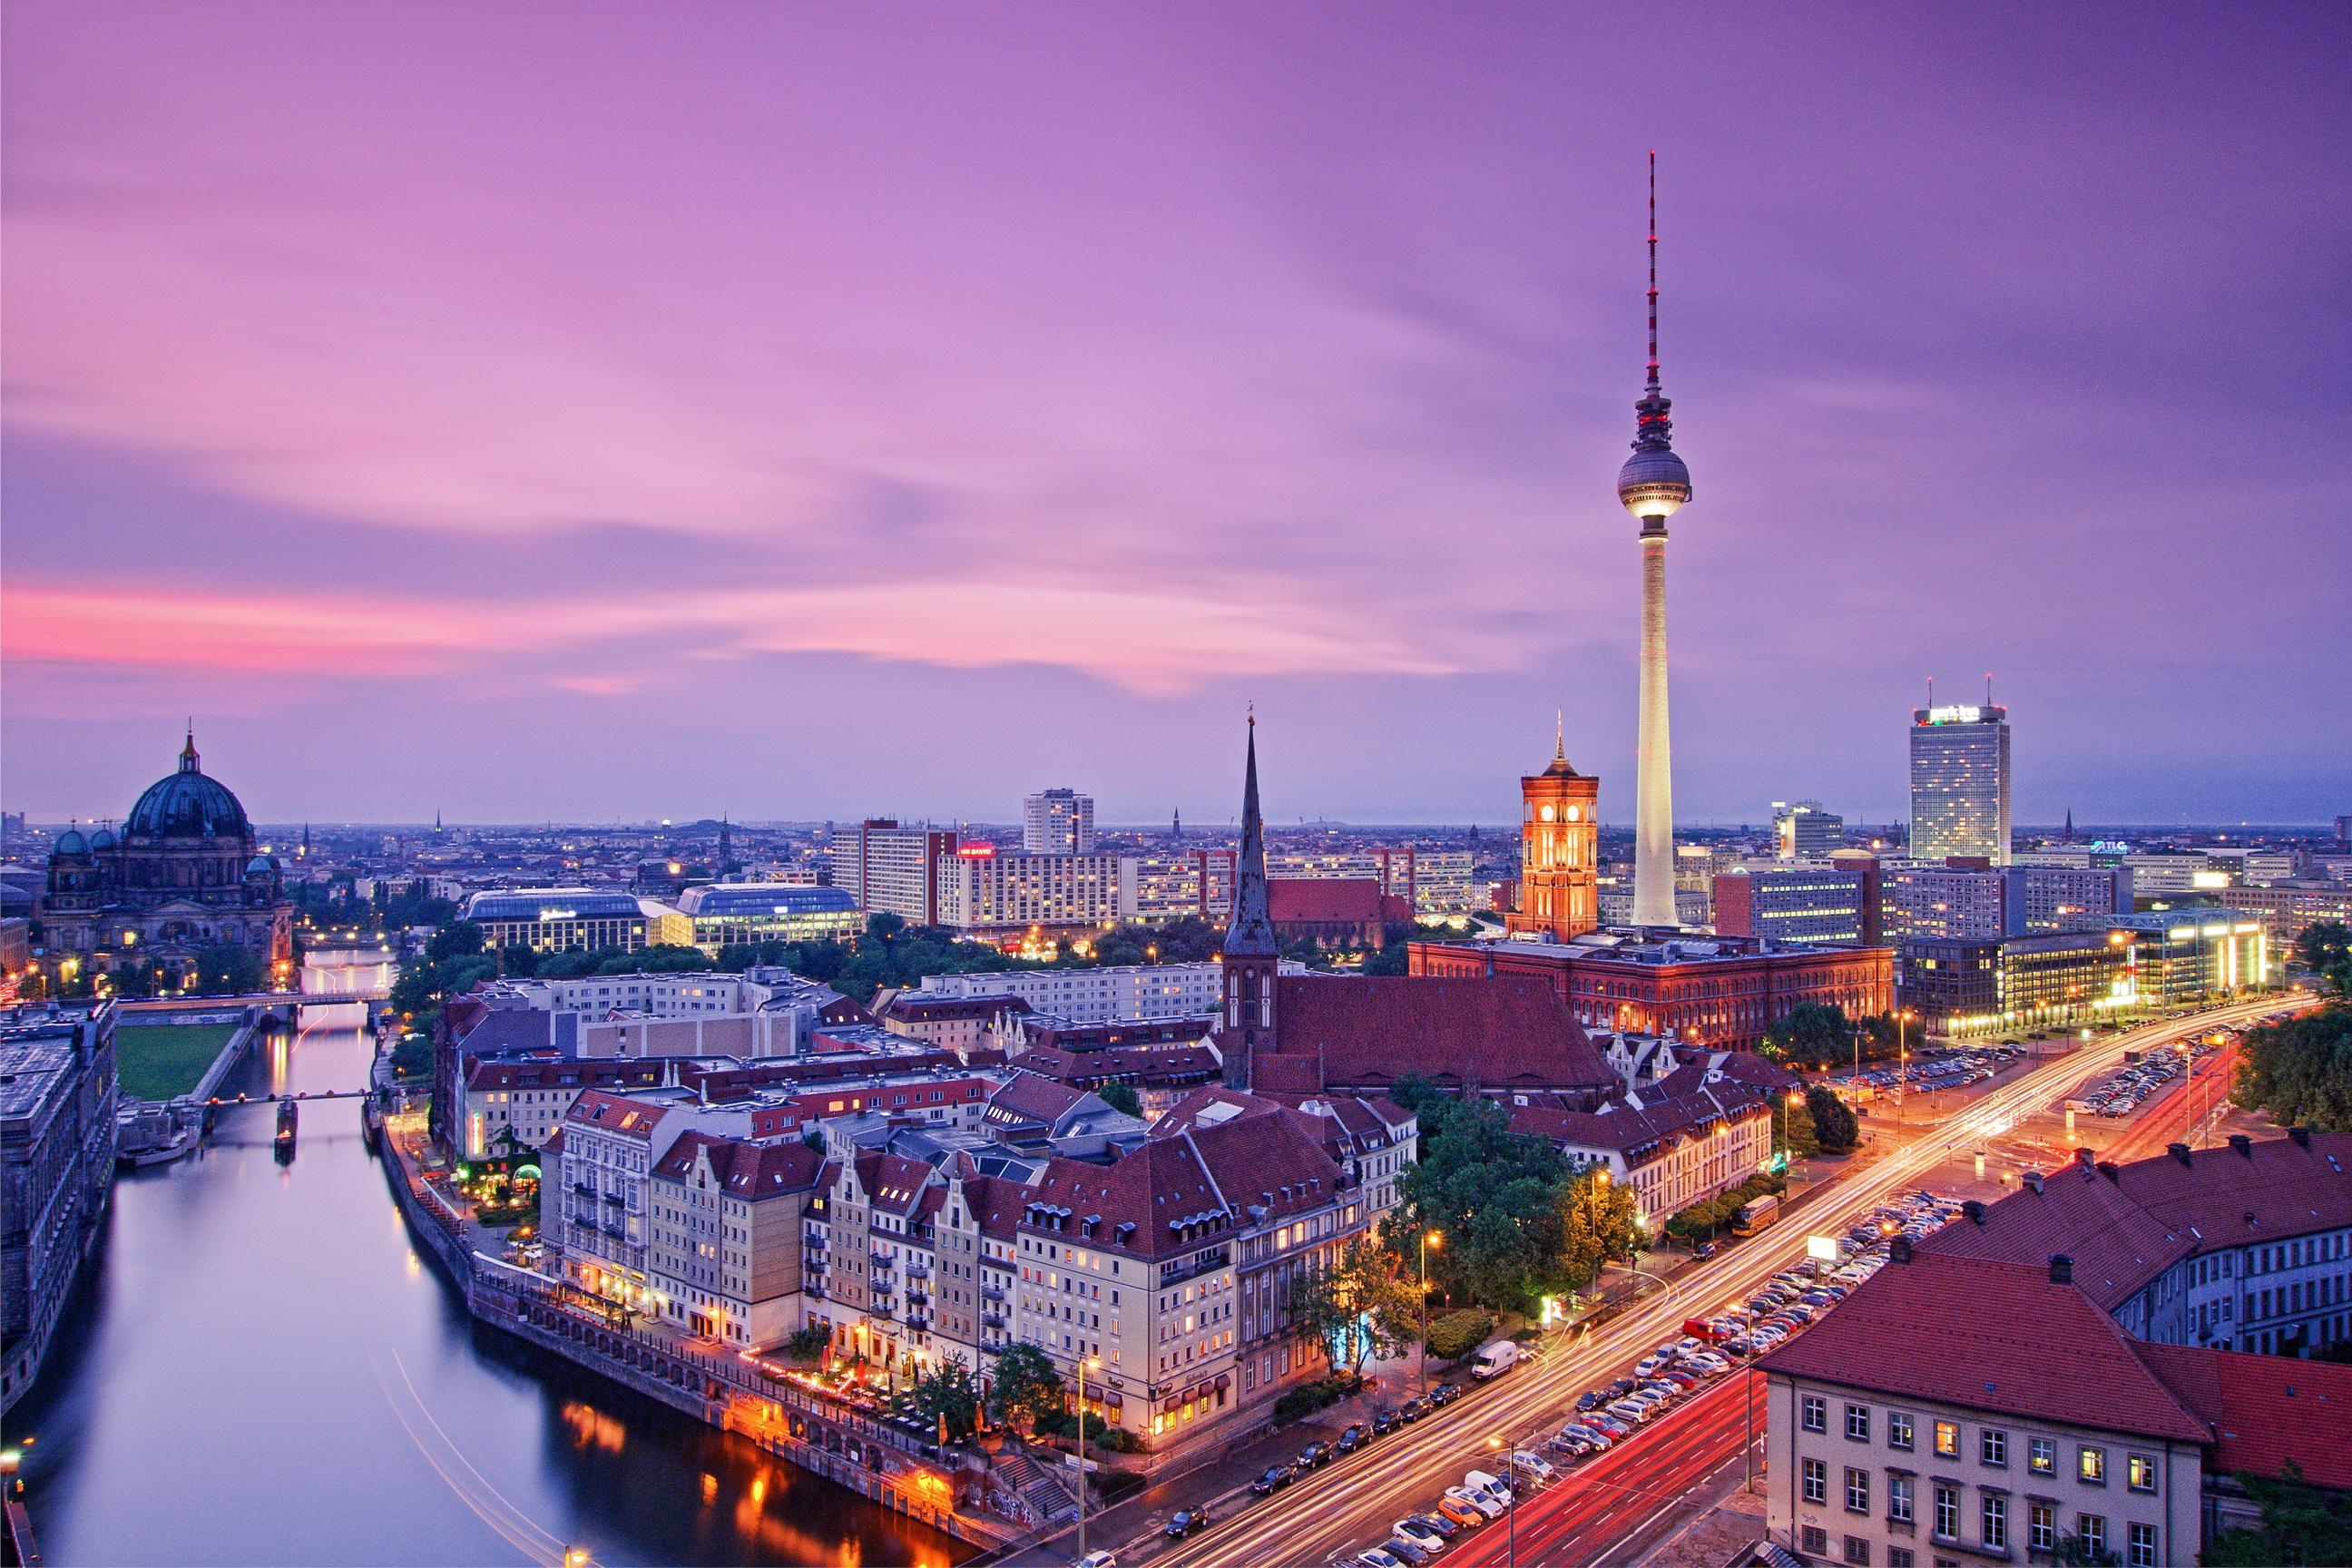 Các trường dự bị đại học ở Đức đang nhận được nhiều sự quan tâm từ du học sinh quốc tế.